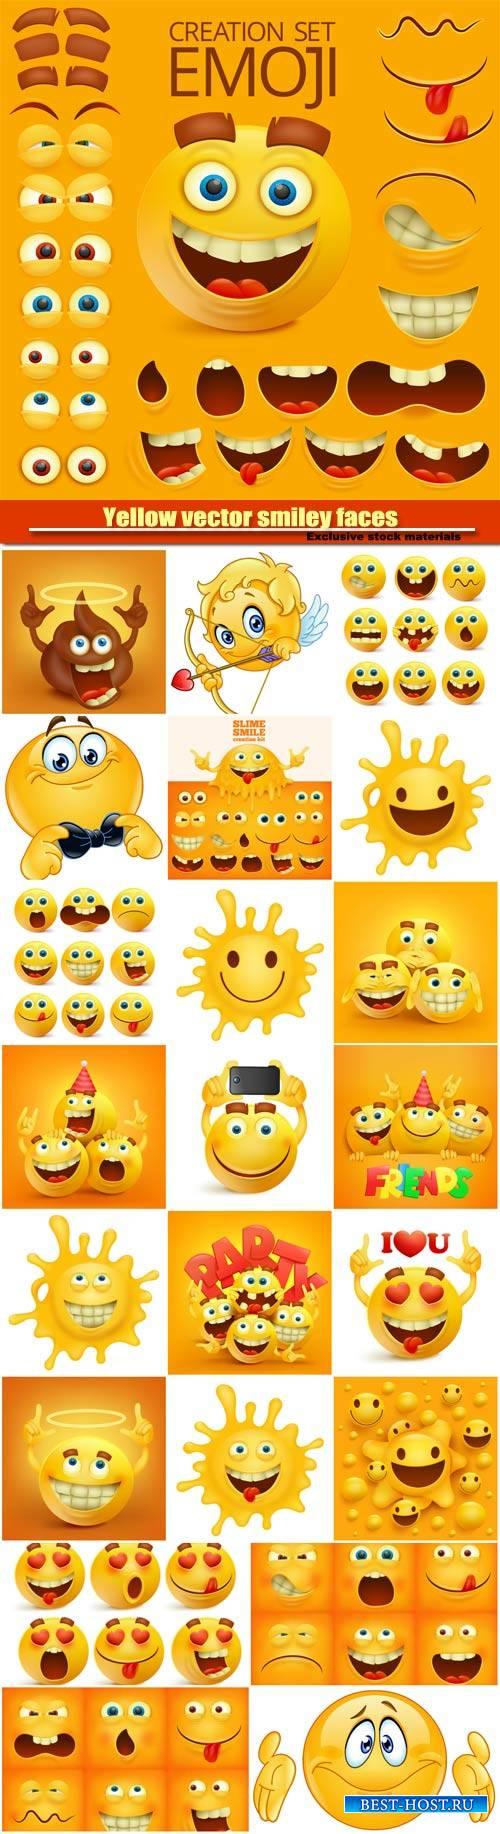 Yellow vector smiley faces